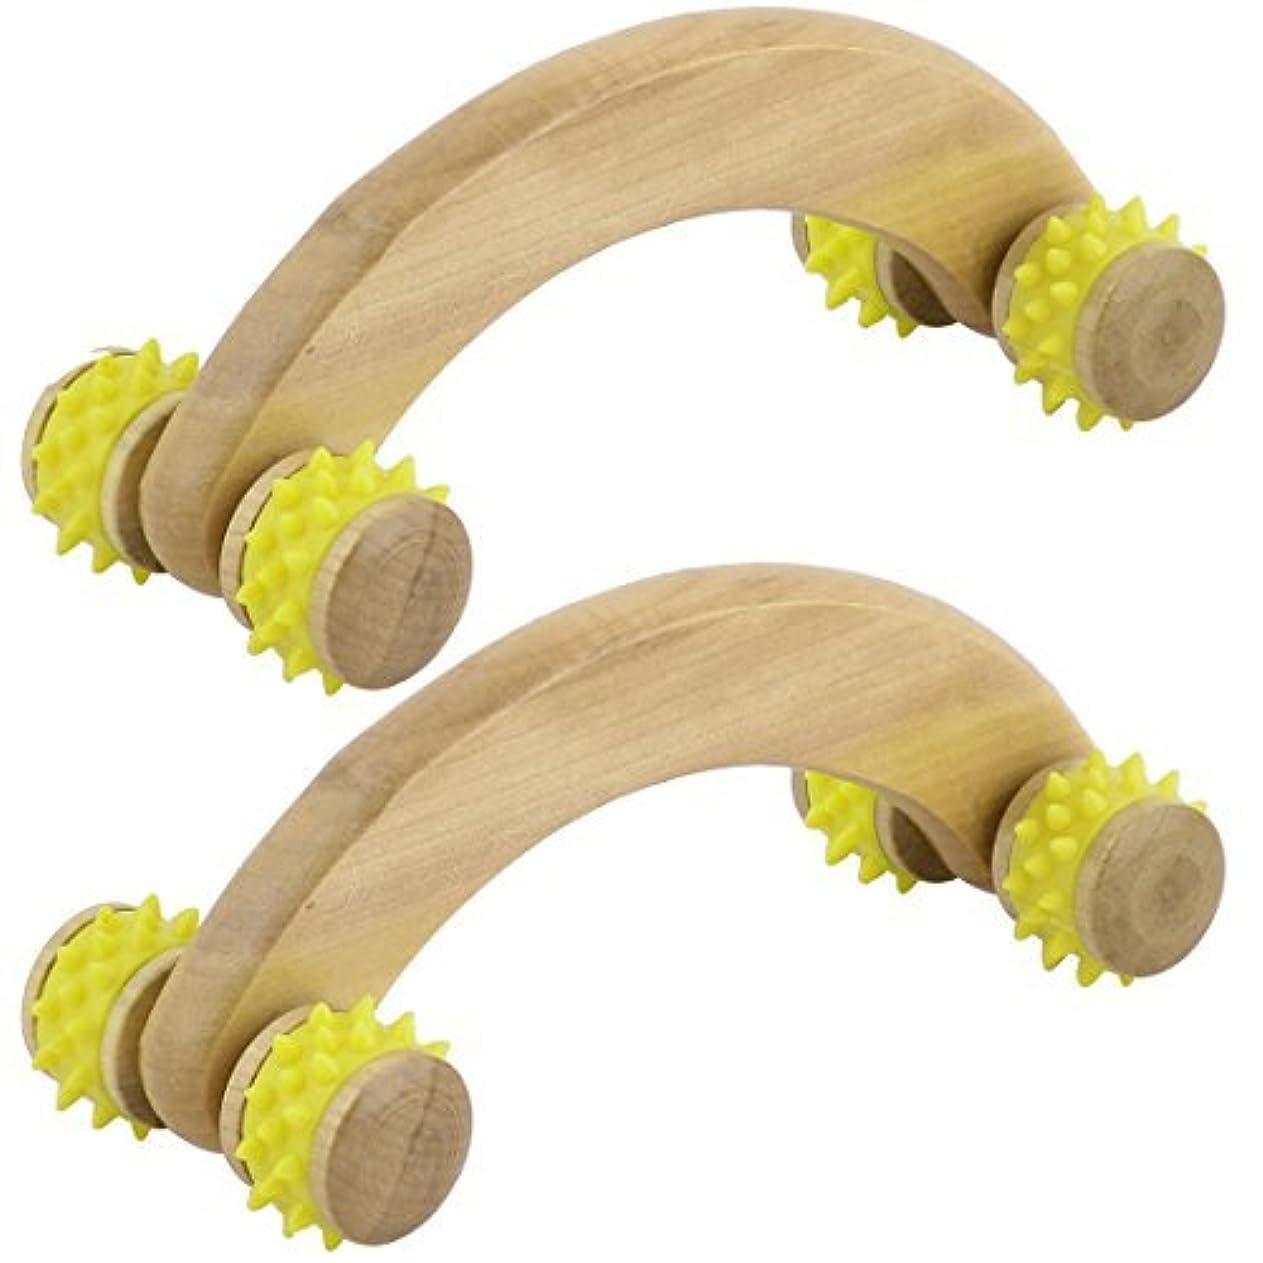 モノグラフ曖昧な耐えられるイエローDealMux木製家庭のストレスリリーフボディネックショルダー筋マッサージローラー2PCS